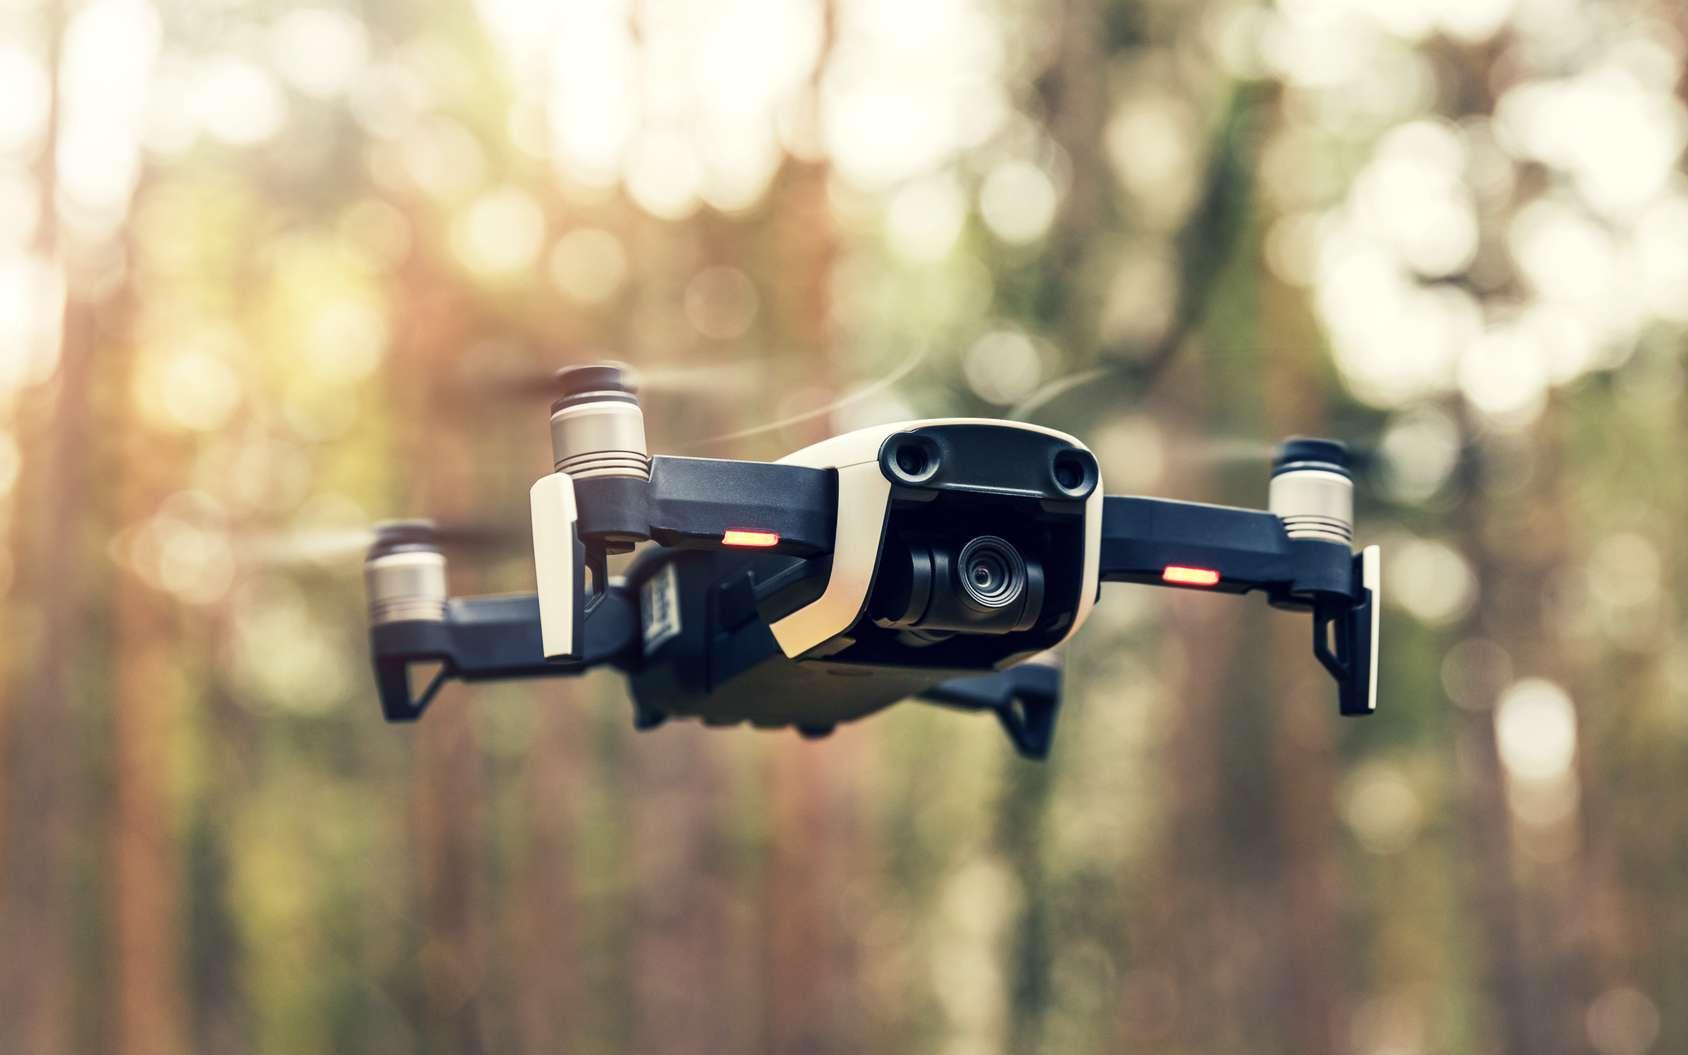 Si les drones ont d'abord eu une vocation militaire, le développement d'un marché civil a connu un essor important à partir des années 2010 grâce à des appareils miniaturisés, à prix abordables et accessibles aux novices. © ronstik, fotolia